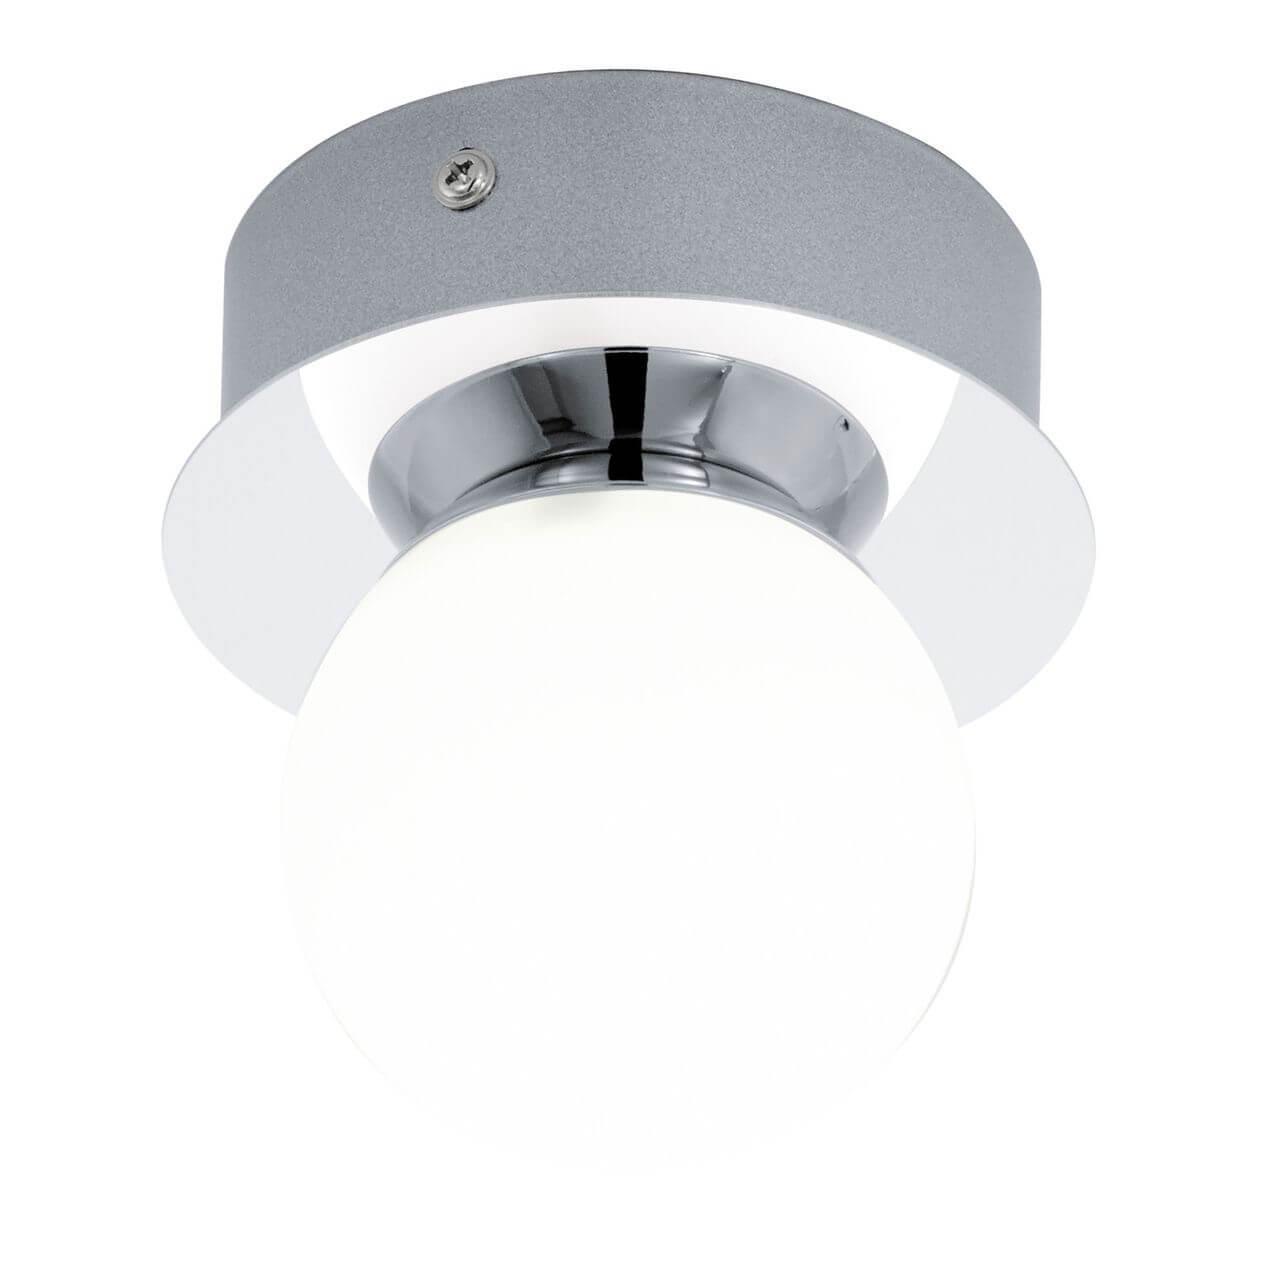 Настенно-потолочный светильник Eglo 94626, LED, 3 Вт светильник для ванной poland